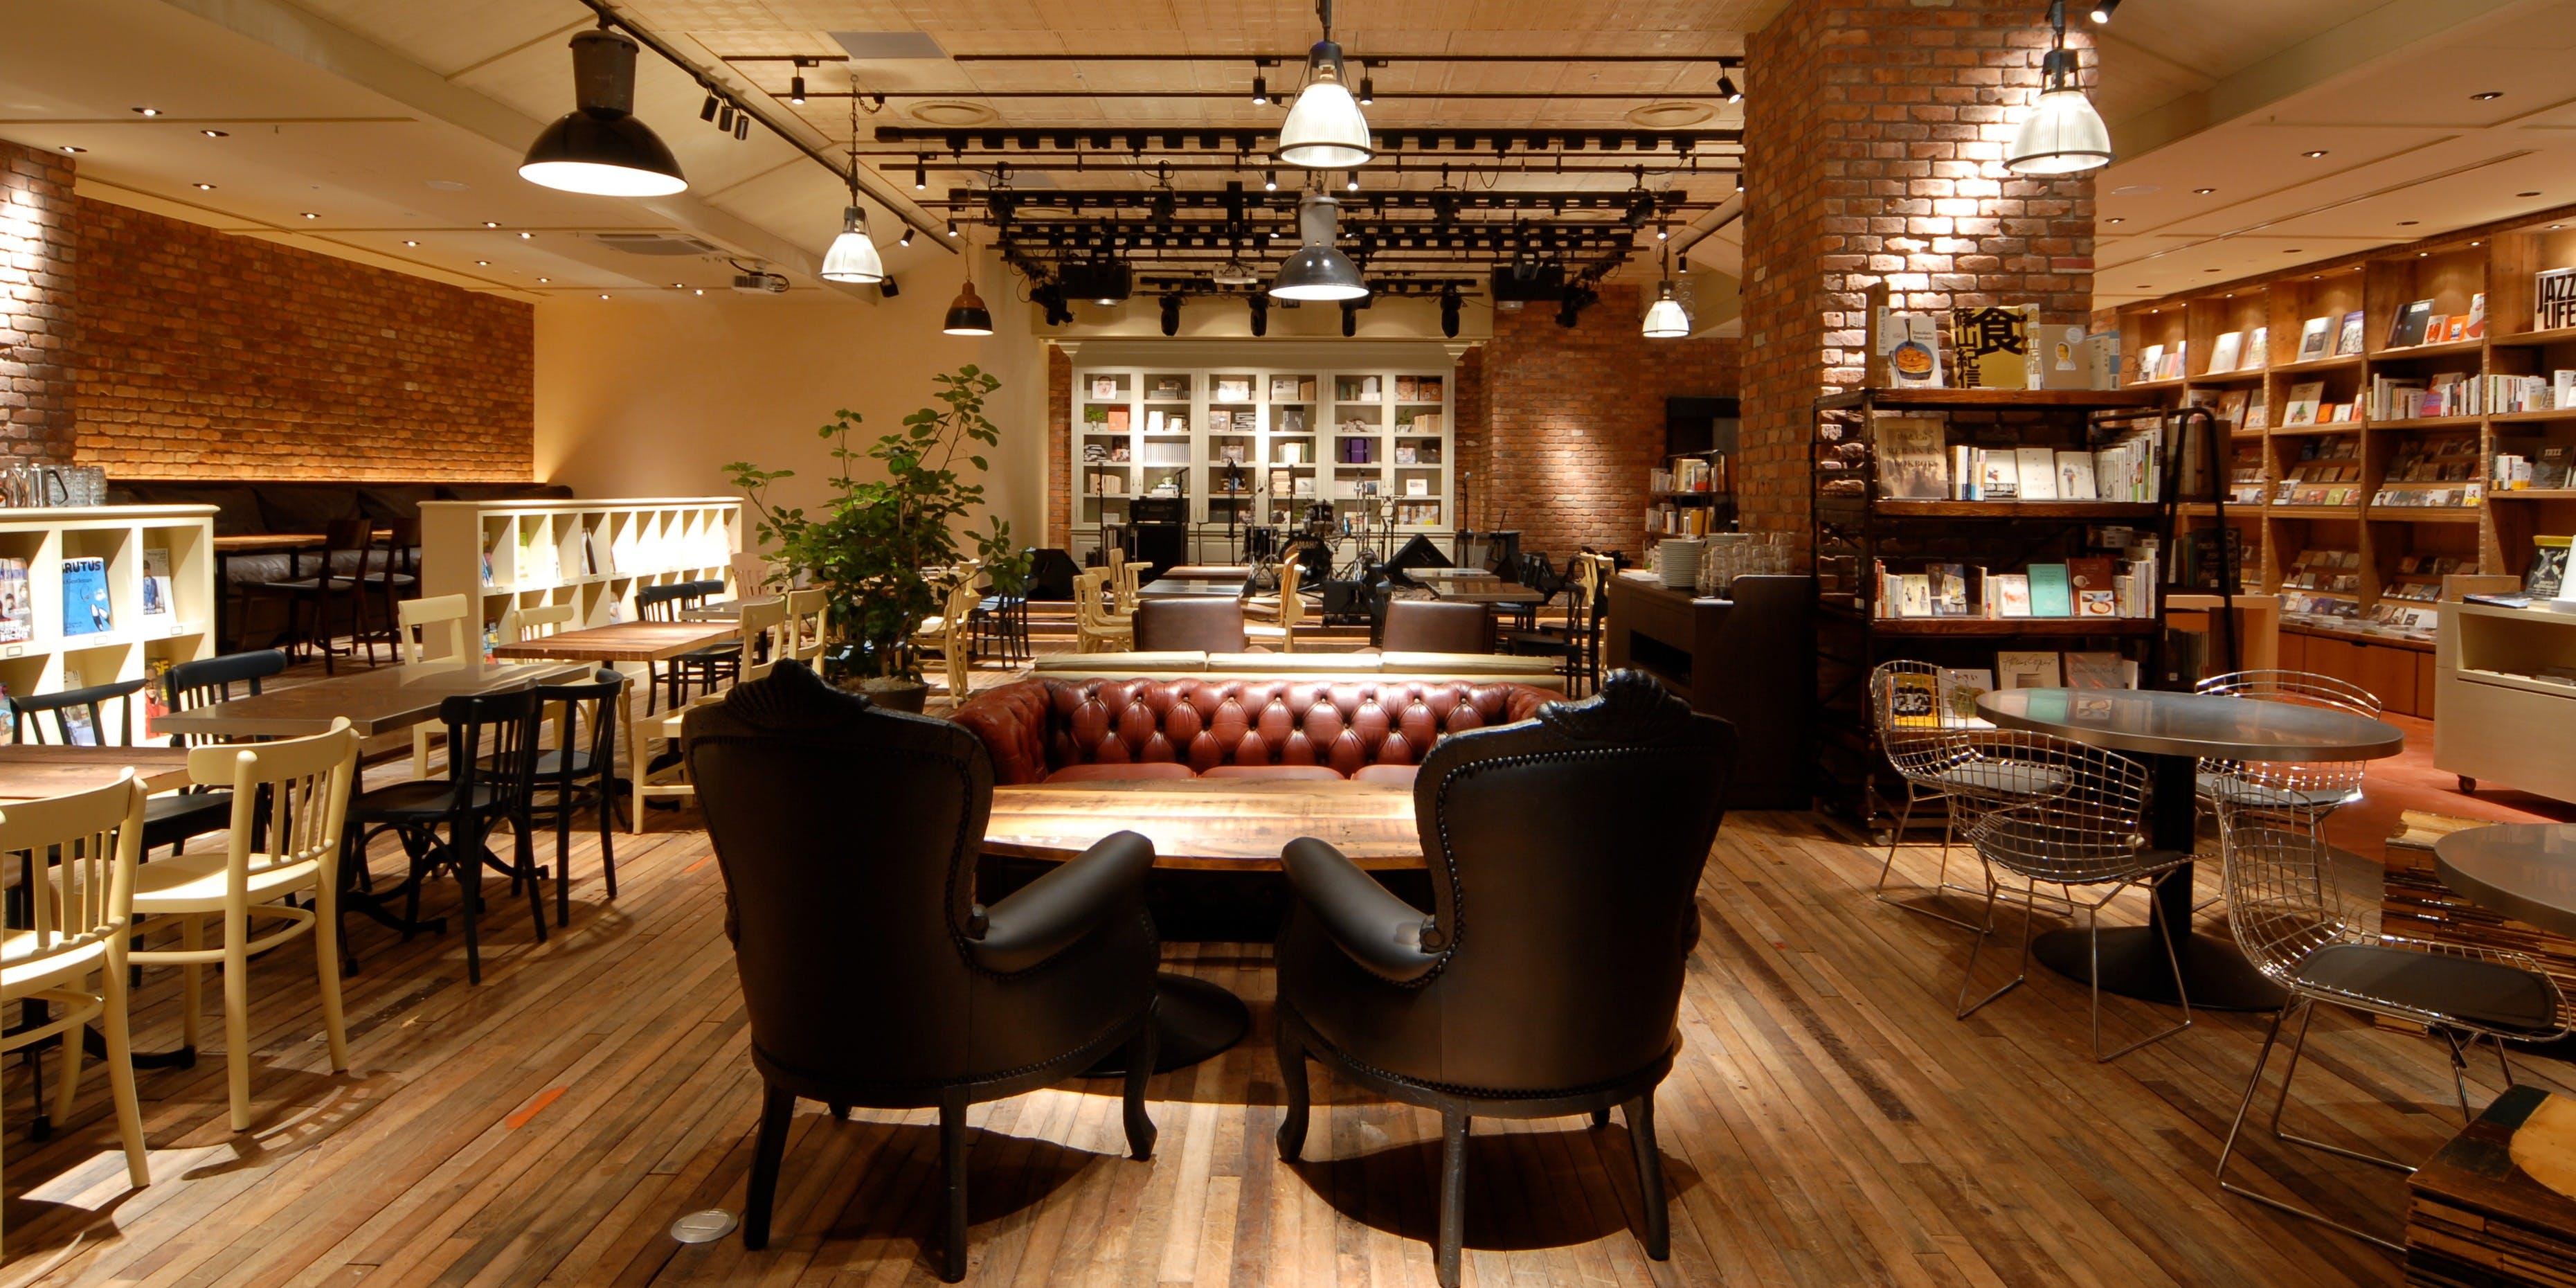 東京 カフェ 人気 コーヒー 美味しい SNS 人気 Brooklyn Parlor SHINJUKU ブルックリンパーラー 新宿 店内